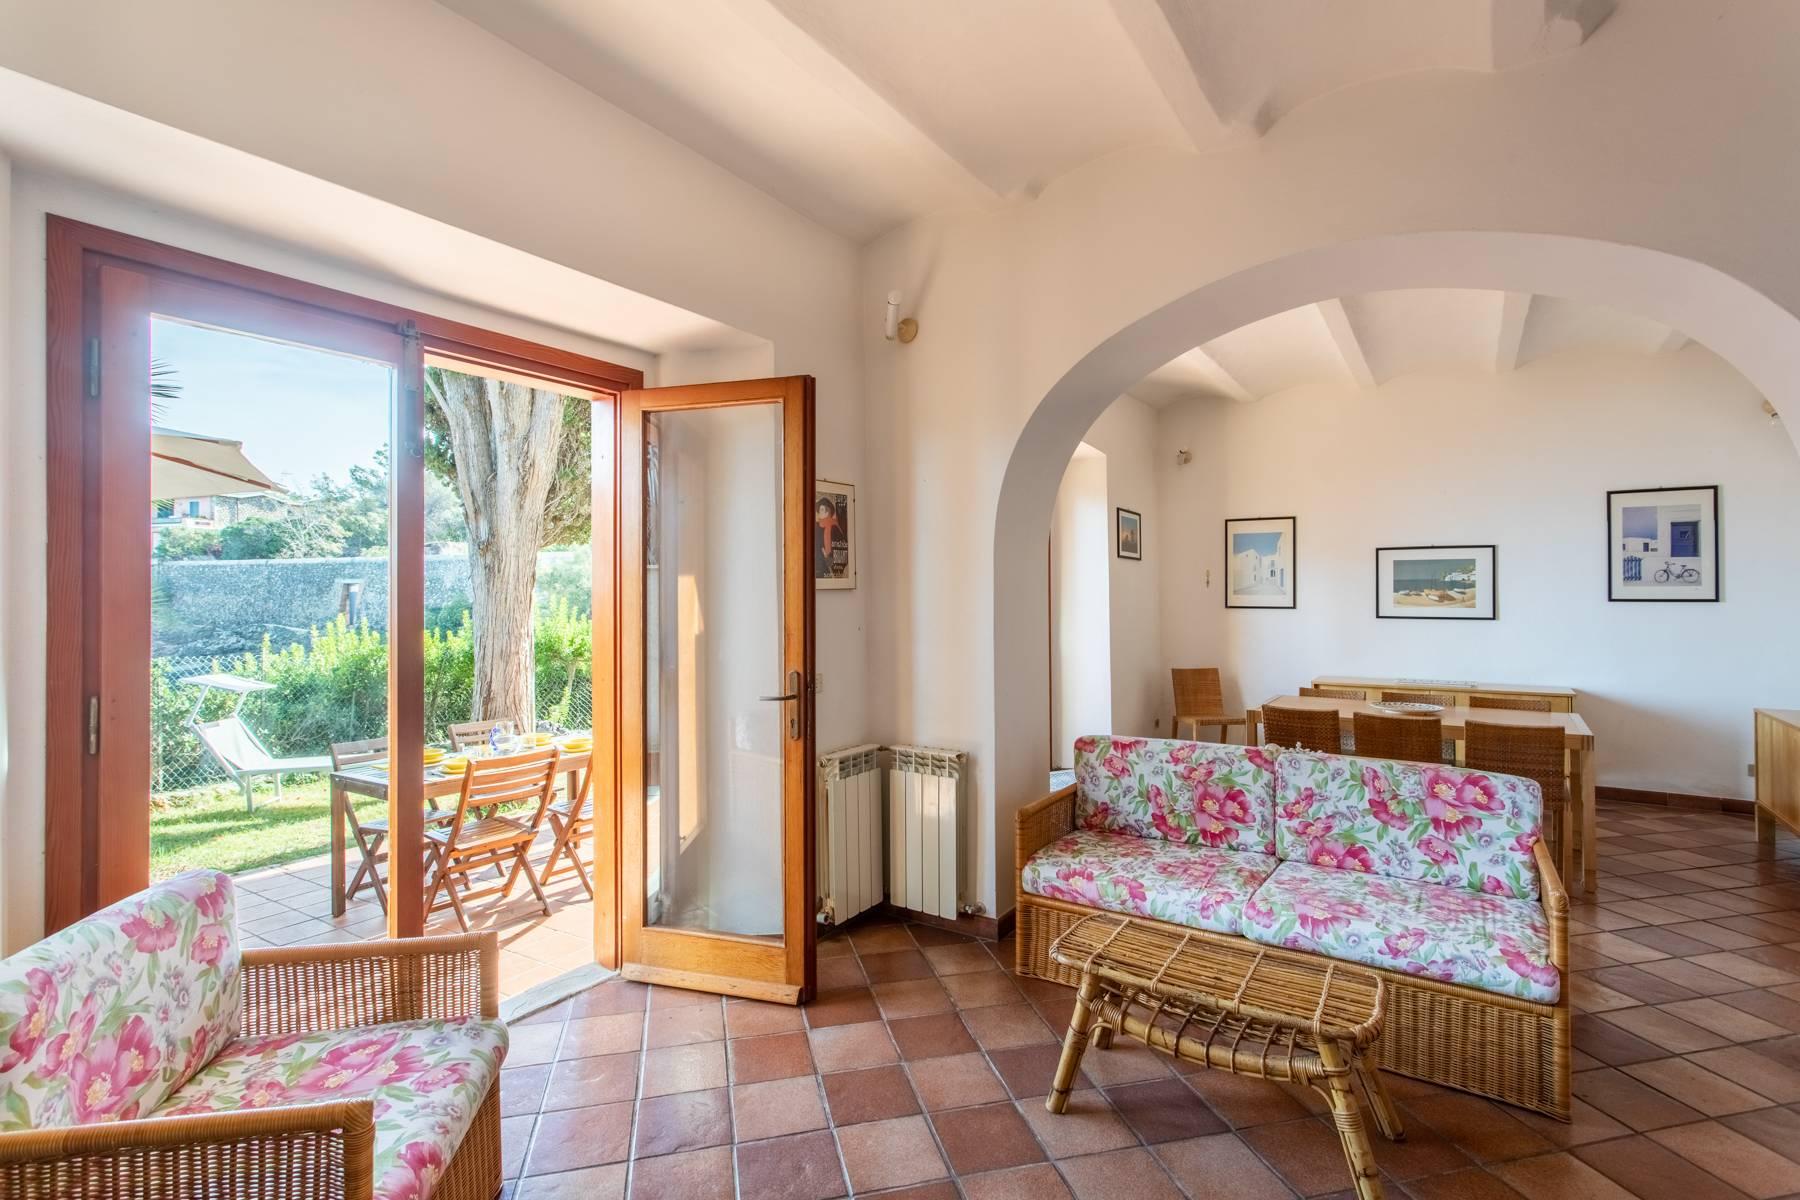 Villa in Vendita a Monte Argentario: 5 locali, 140 mq - Foto 11